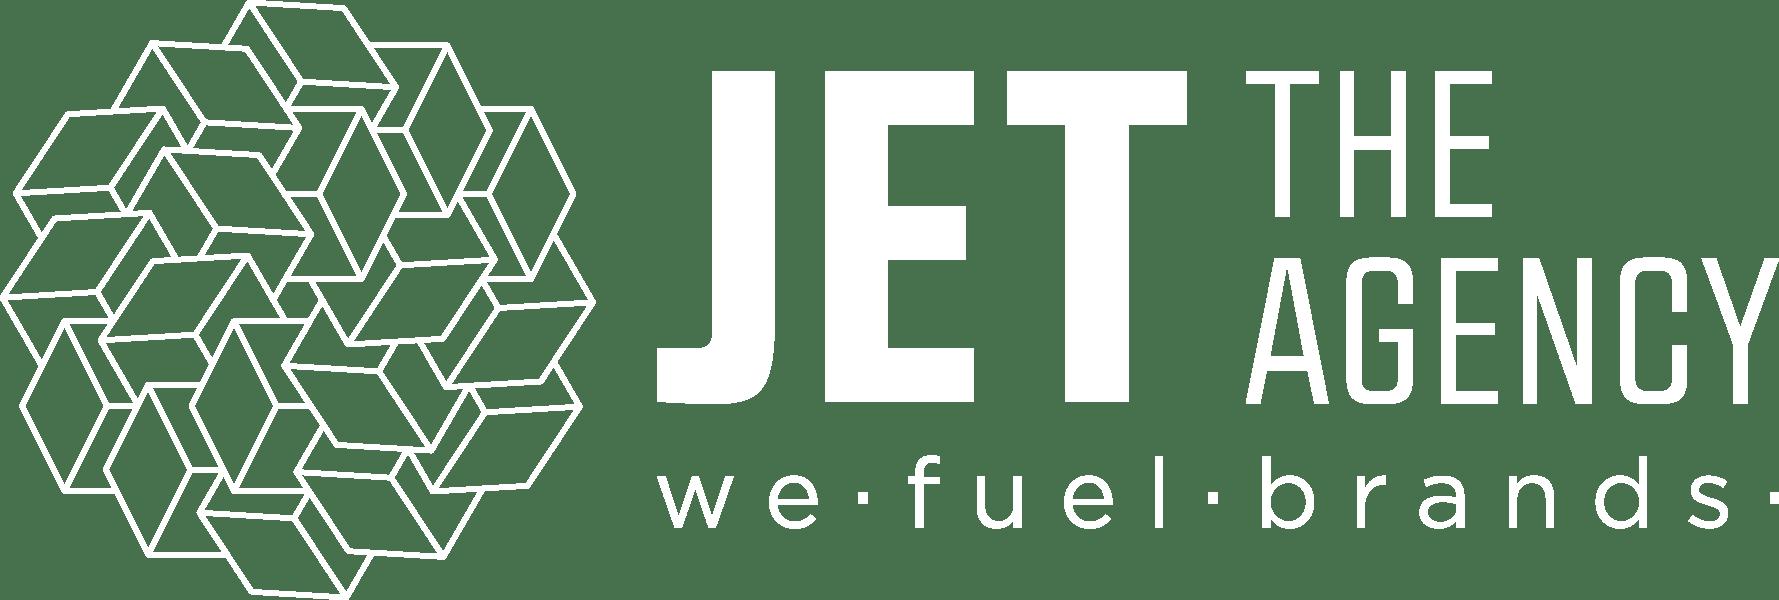 JET Event Rentals